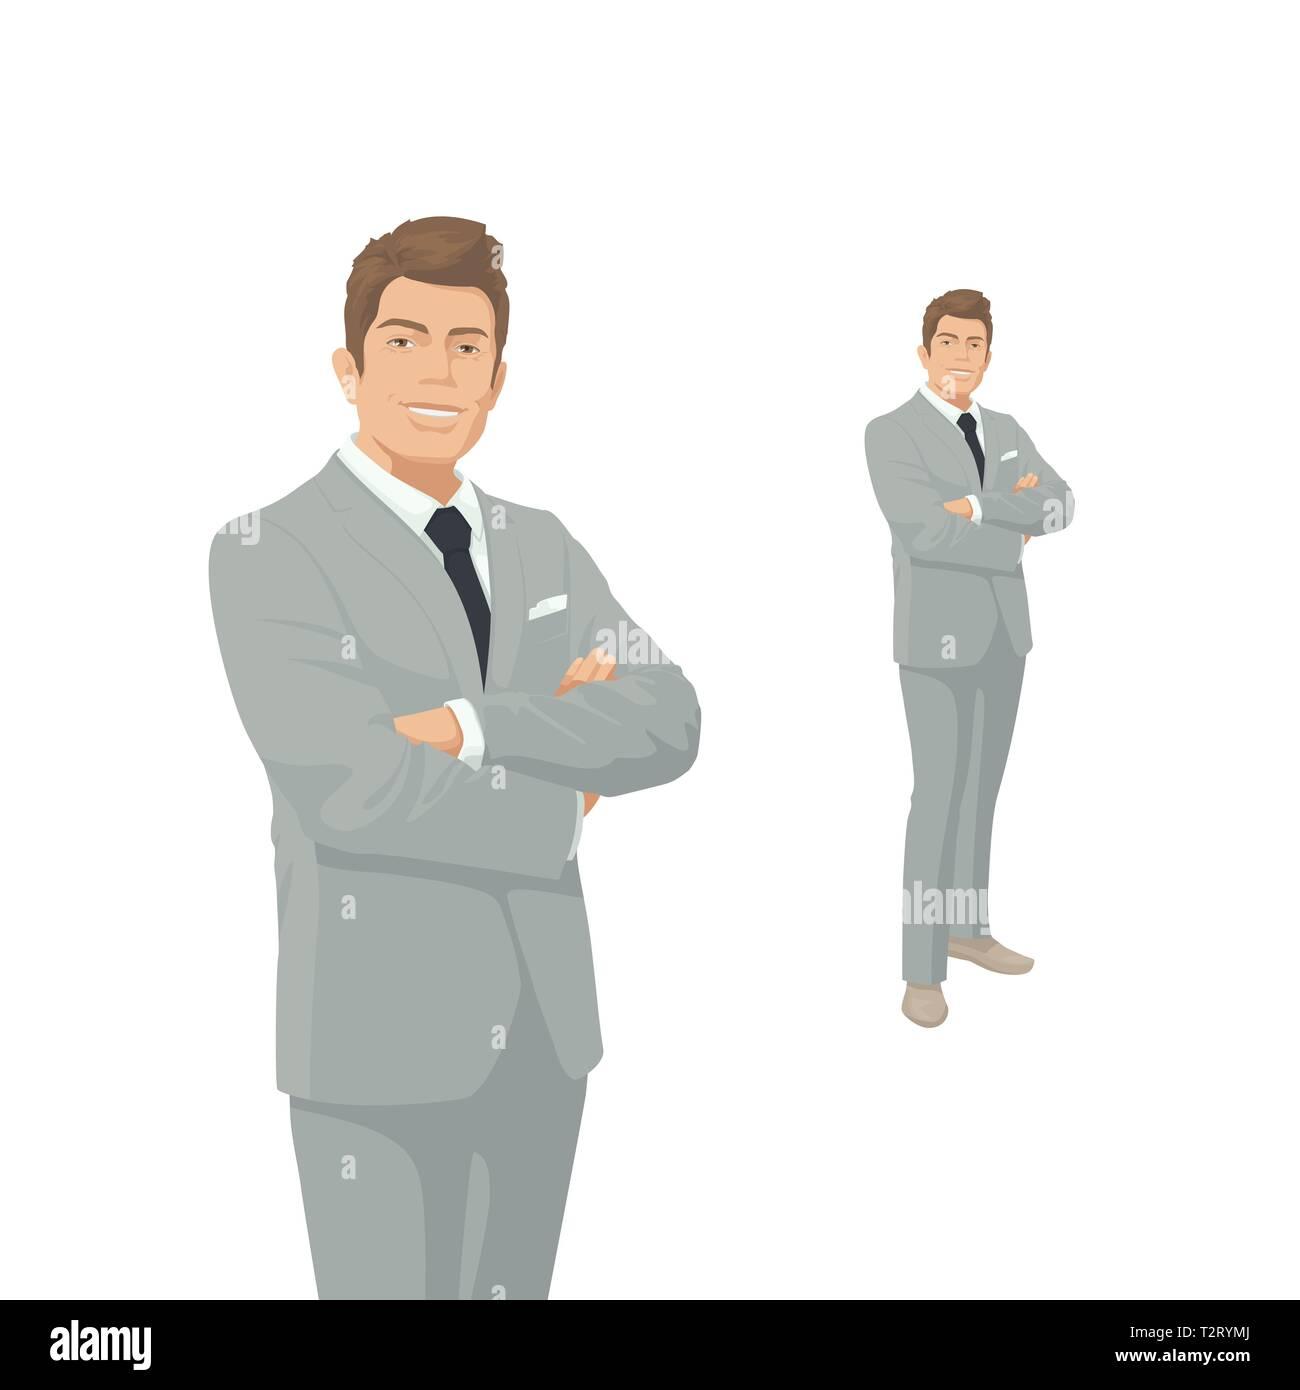 372b0cdec2b7 Imprenditore elegante in grigio costume. Il Boss, manager, imprenditore.  Sorriso. Persone di carattere. Ritratto di lunghezza completa.